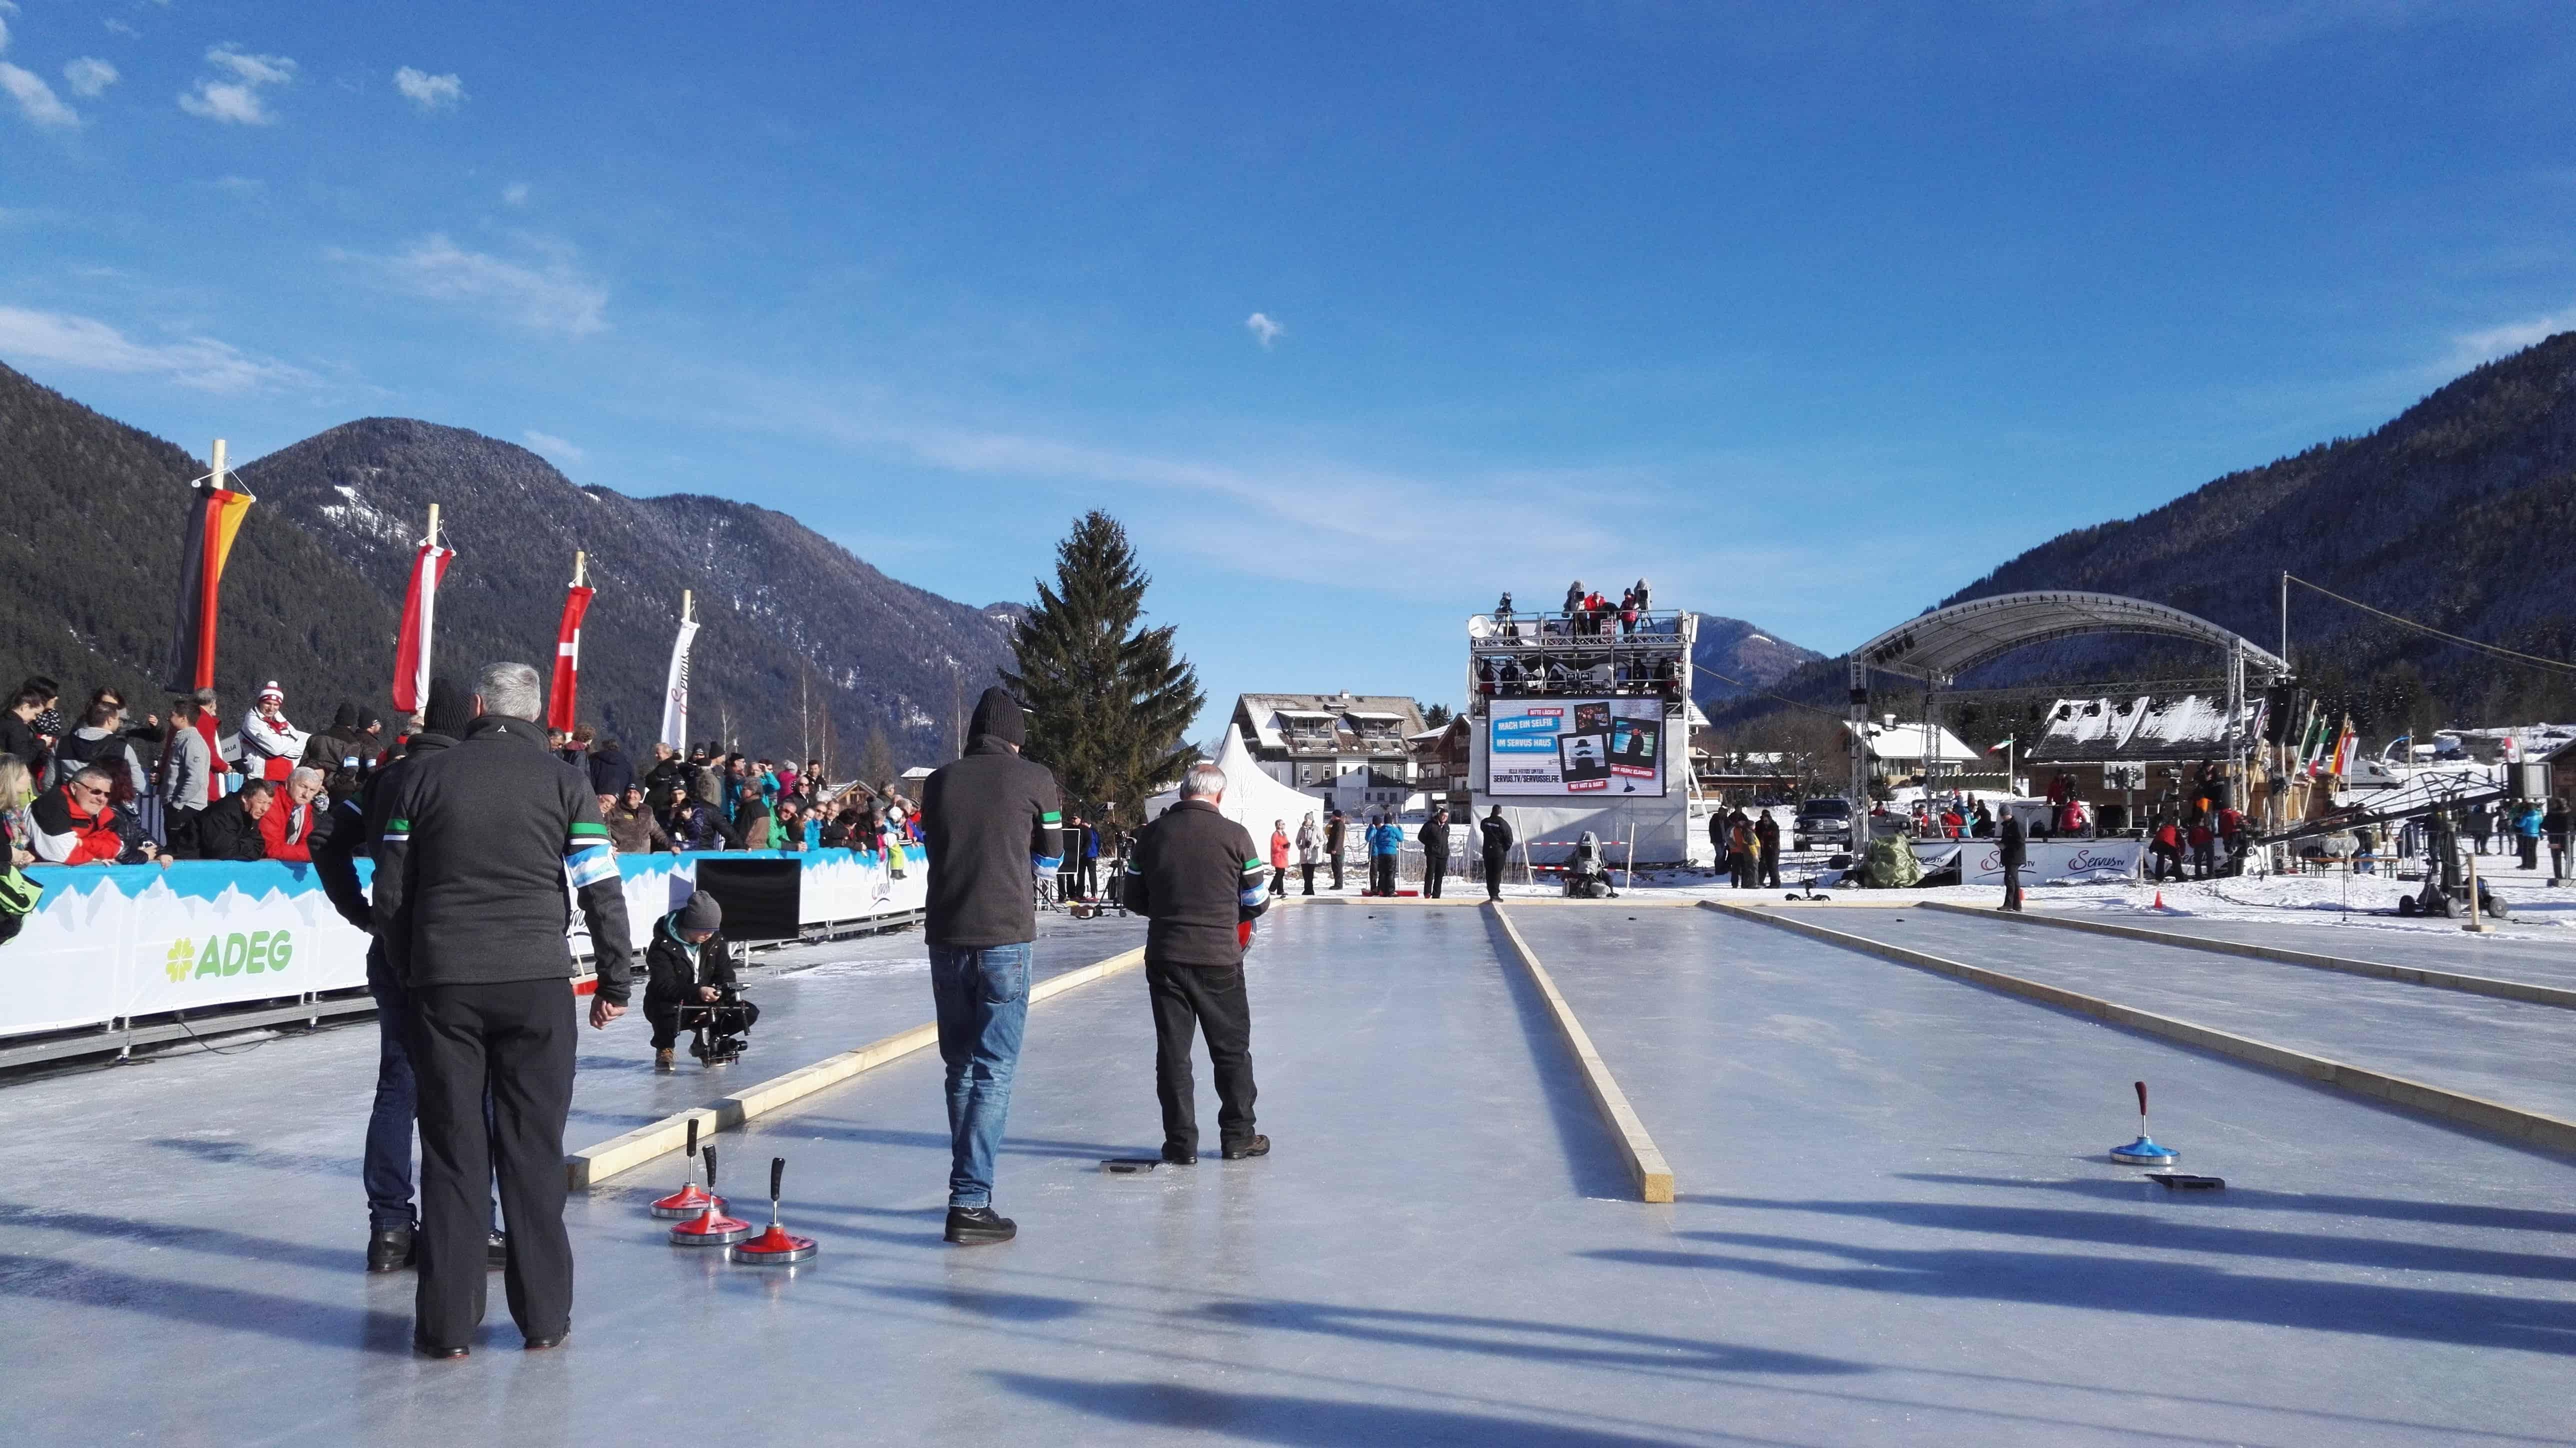 img 20160213 143658 - Servus Alpenpokal